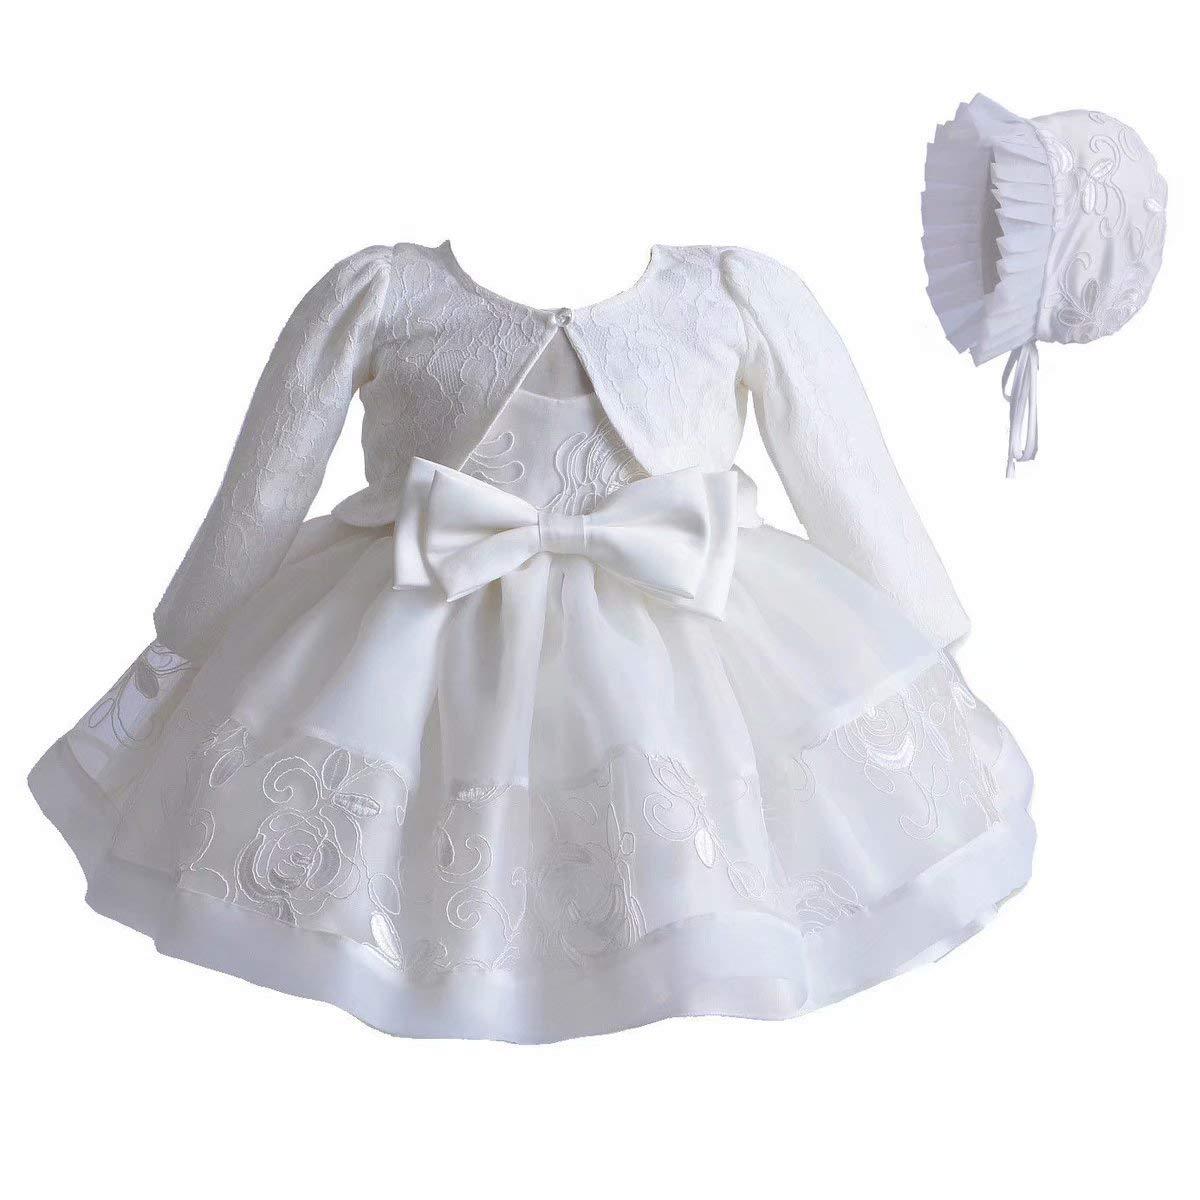 Bol/éro Manches Longues+Petit Bonnet Froufrou 3 Pi/èces Ensemble Robe de Bapt/ême en Blanc Dentelle A-Line Robe Tulle Broderie